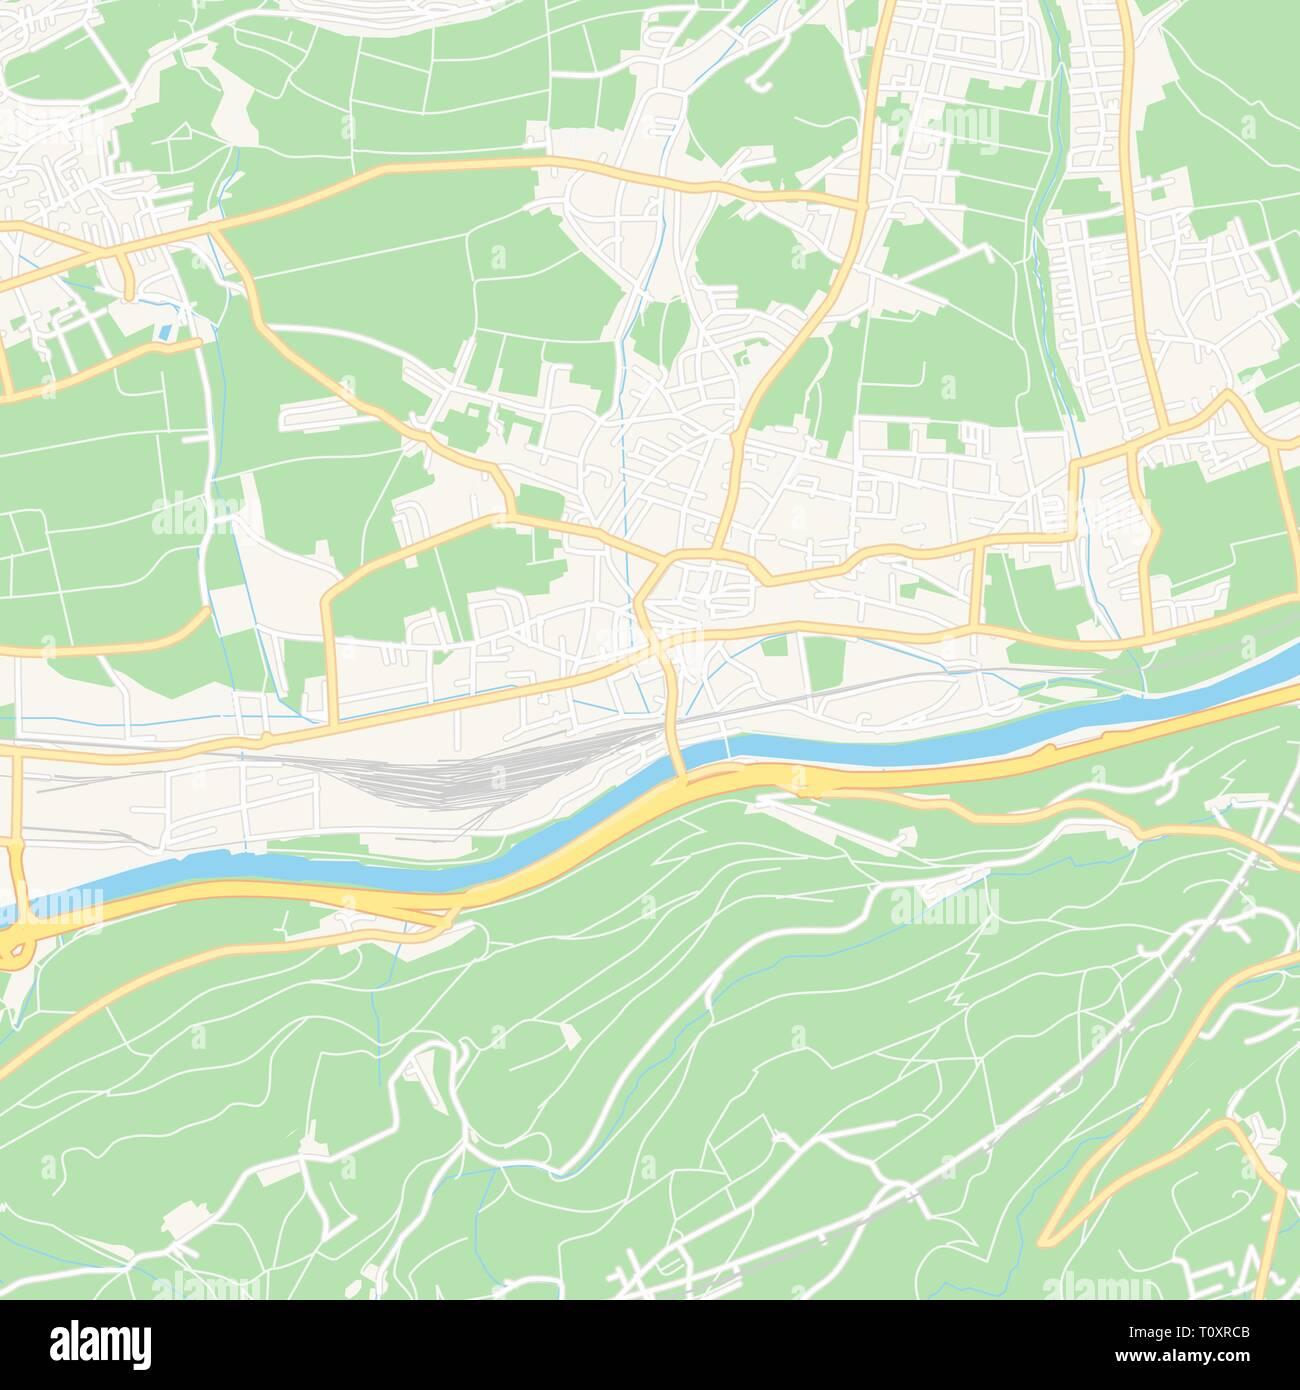 Karte Tirol.Druckbare Karte Von Hall In Tirol österreich Mit Haupt Und